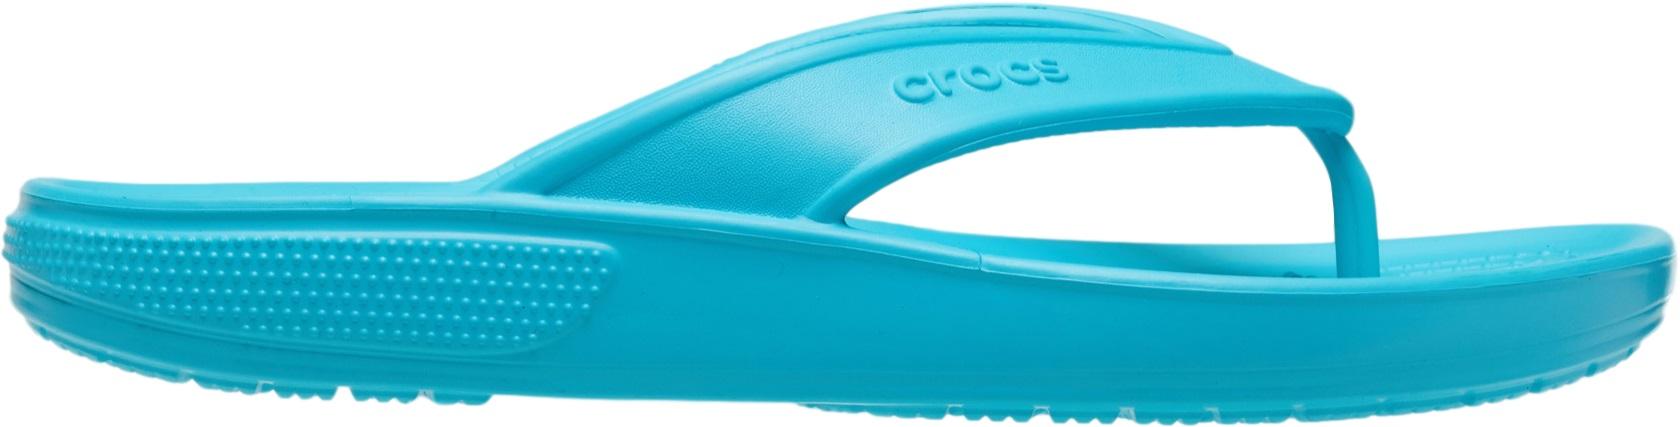 Crocs™ Classic II Flip Digital Aqua 36,5